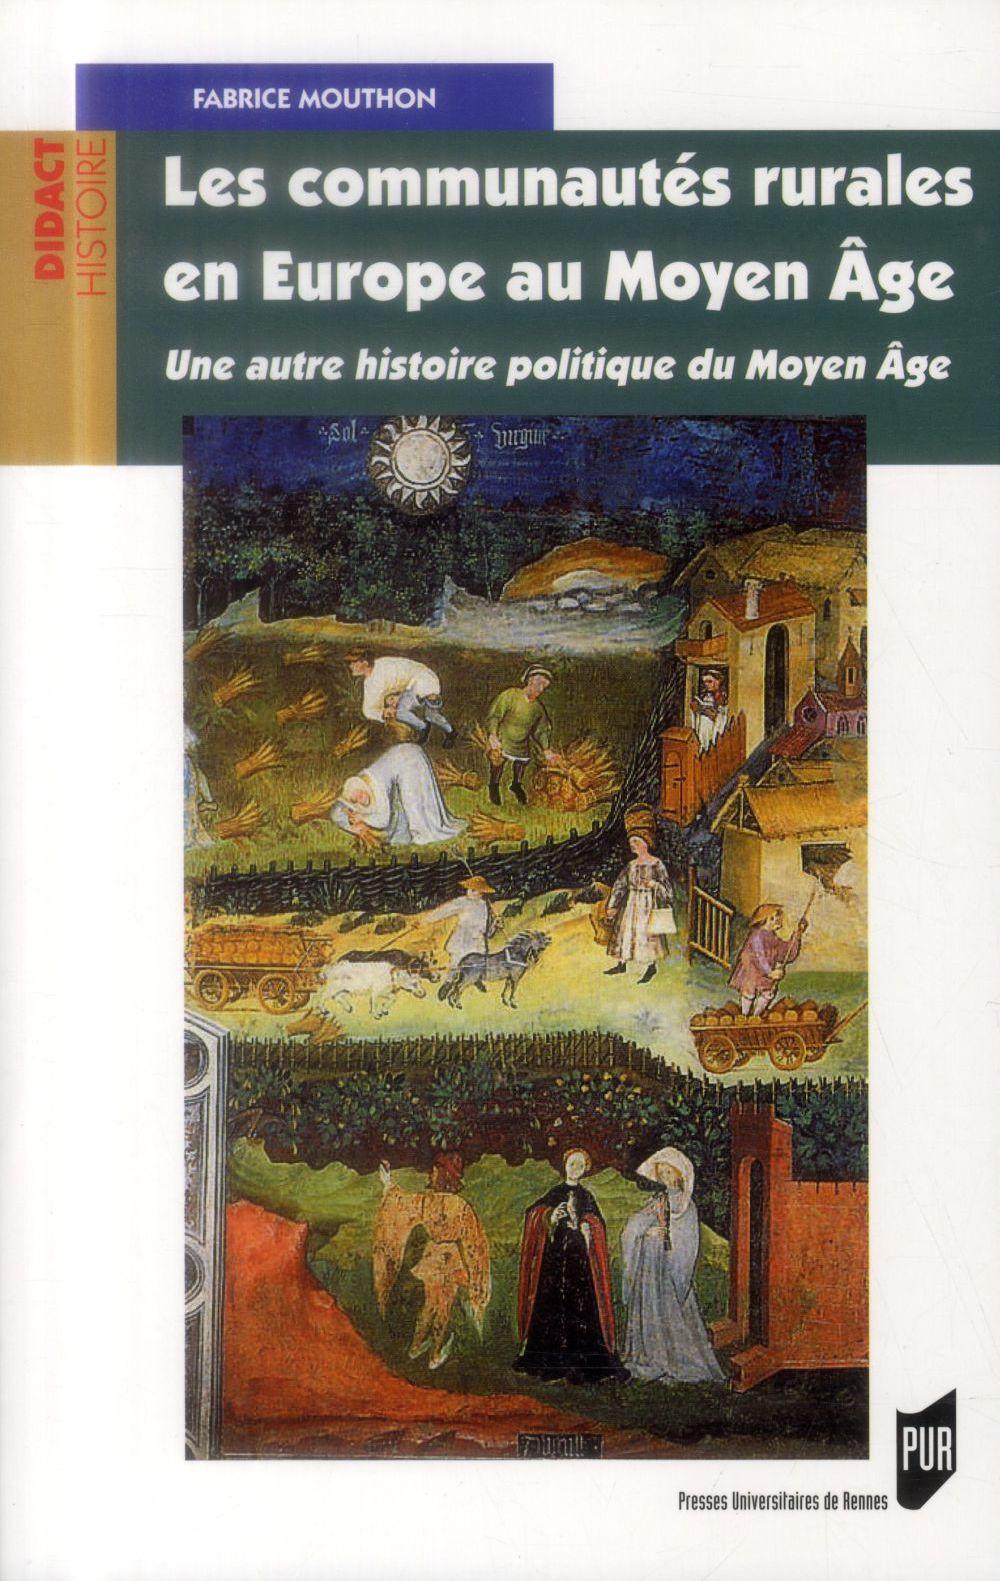 Les communautés rurales en Europe au Moyen Age ; une autre histoire politique du Moyen Age